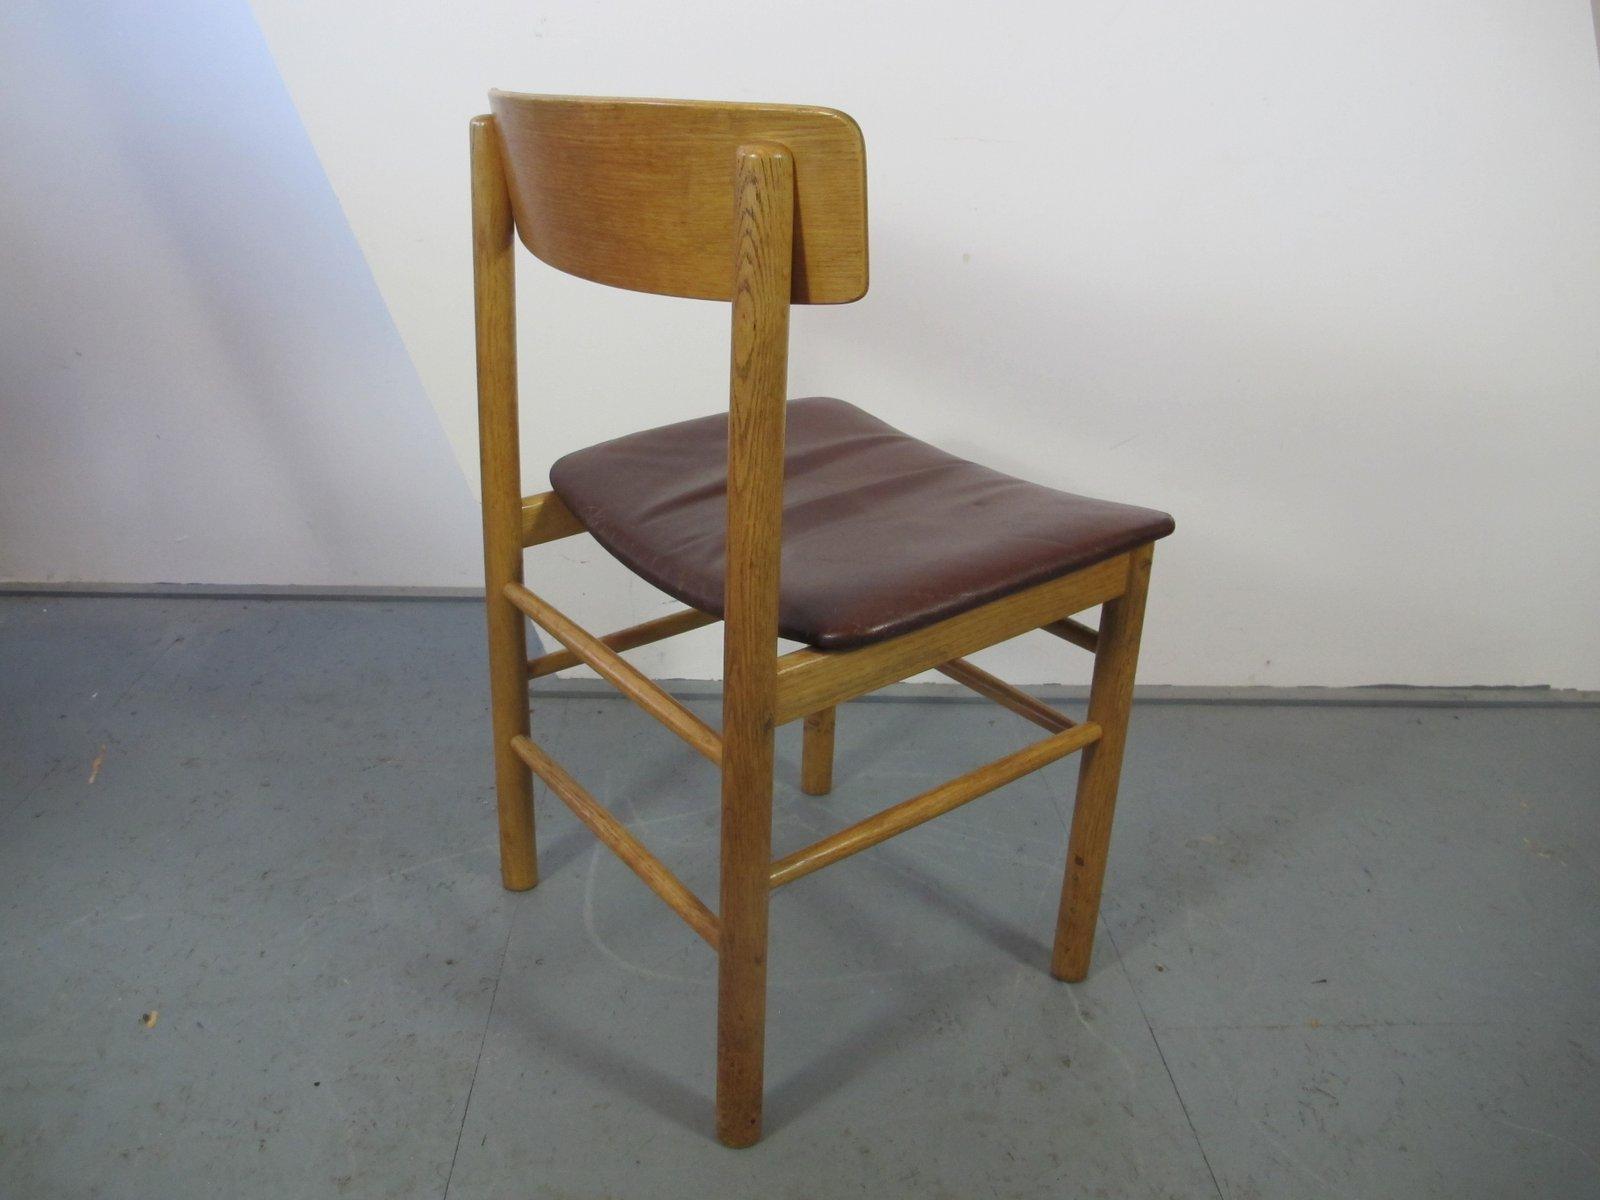 Shaker Stuhl vintage j39 shaker stuhl borge mogensen für fredericia bei